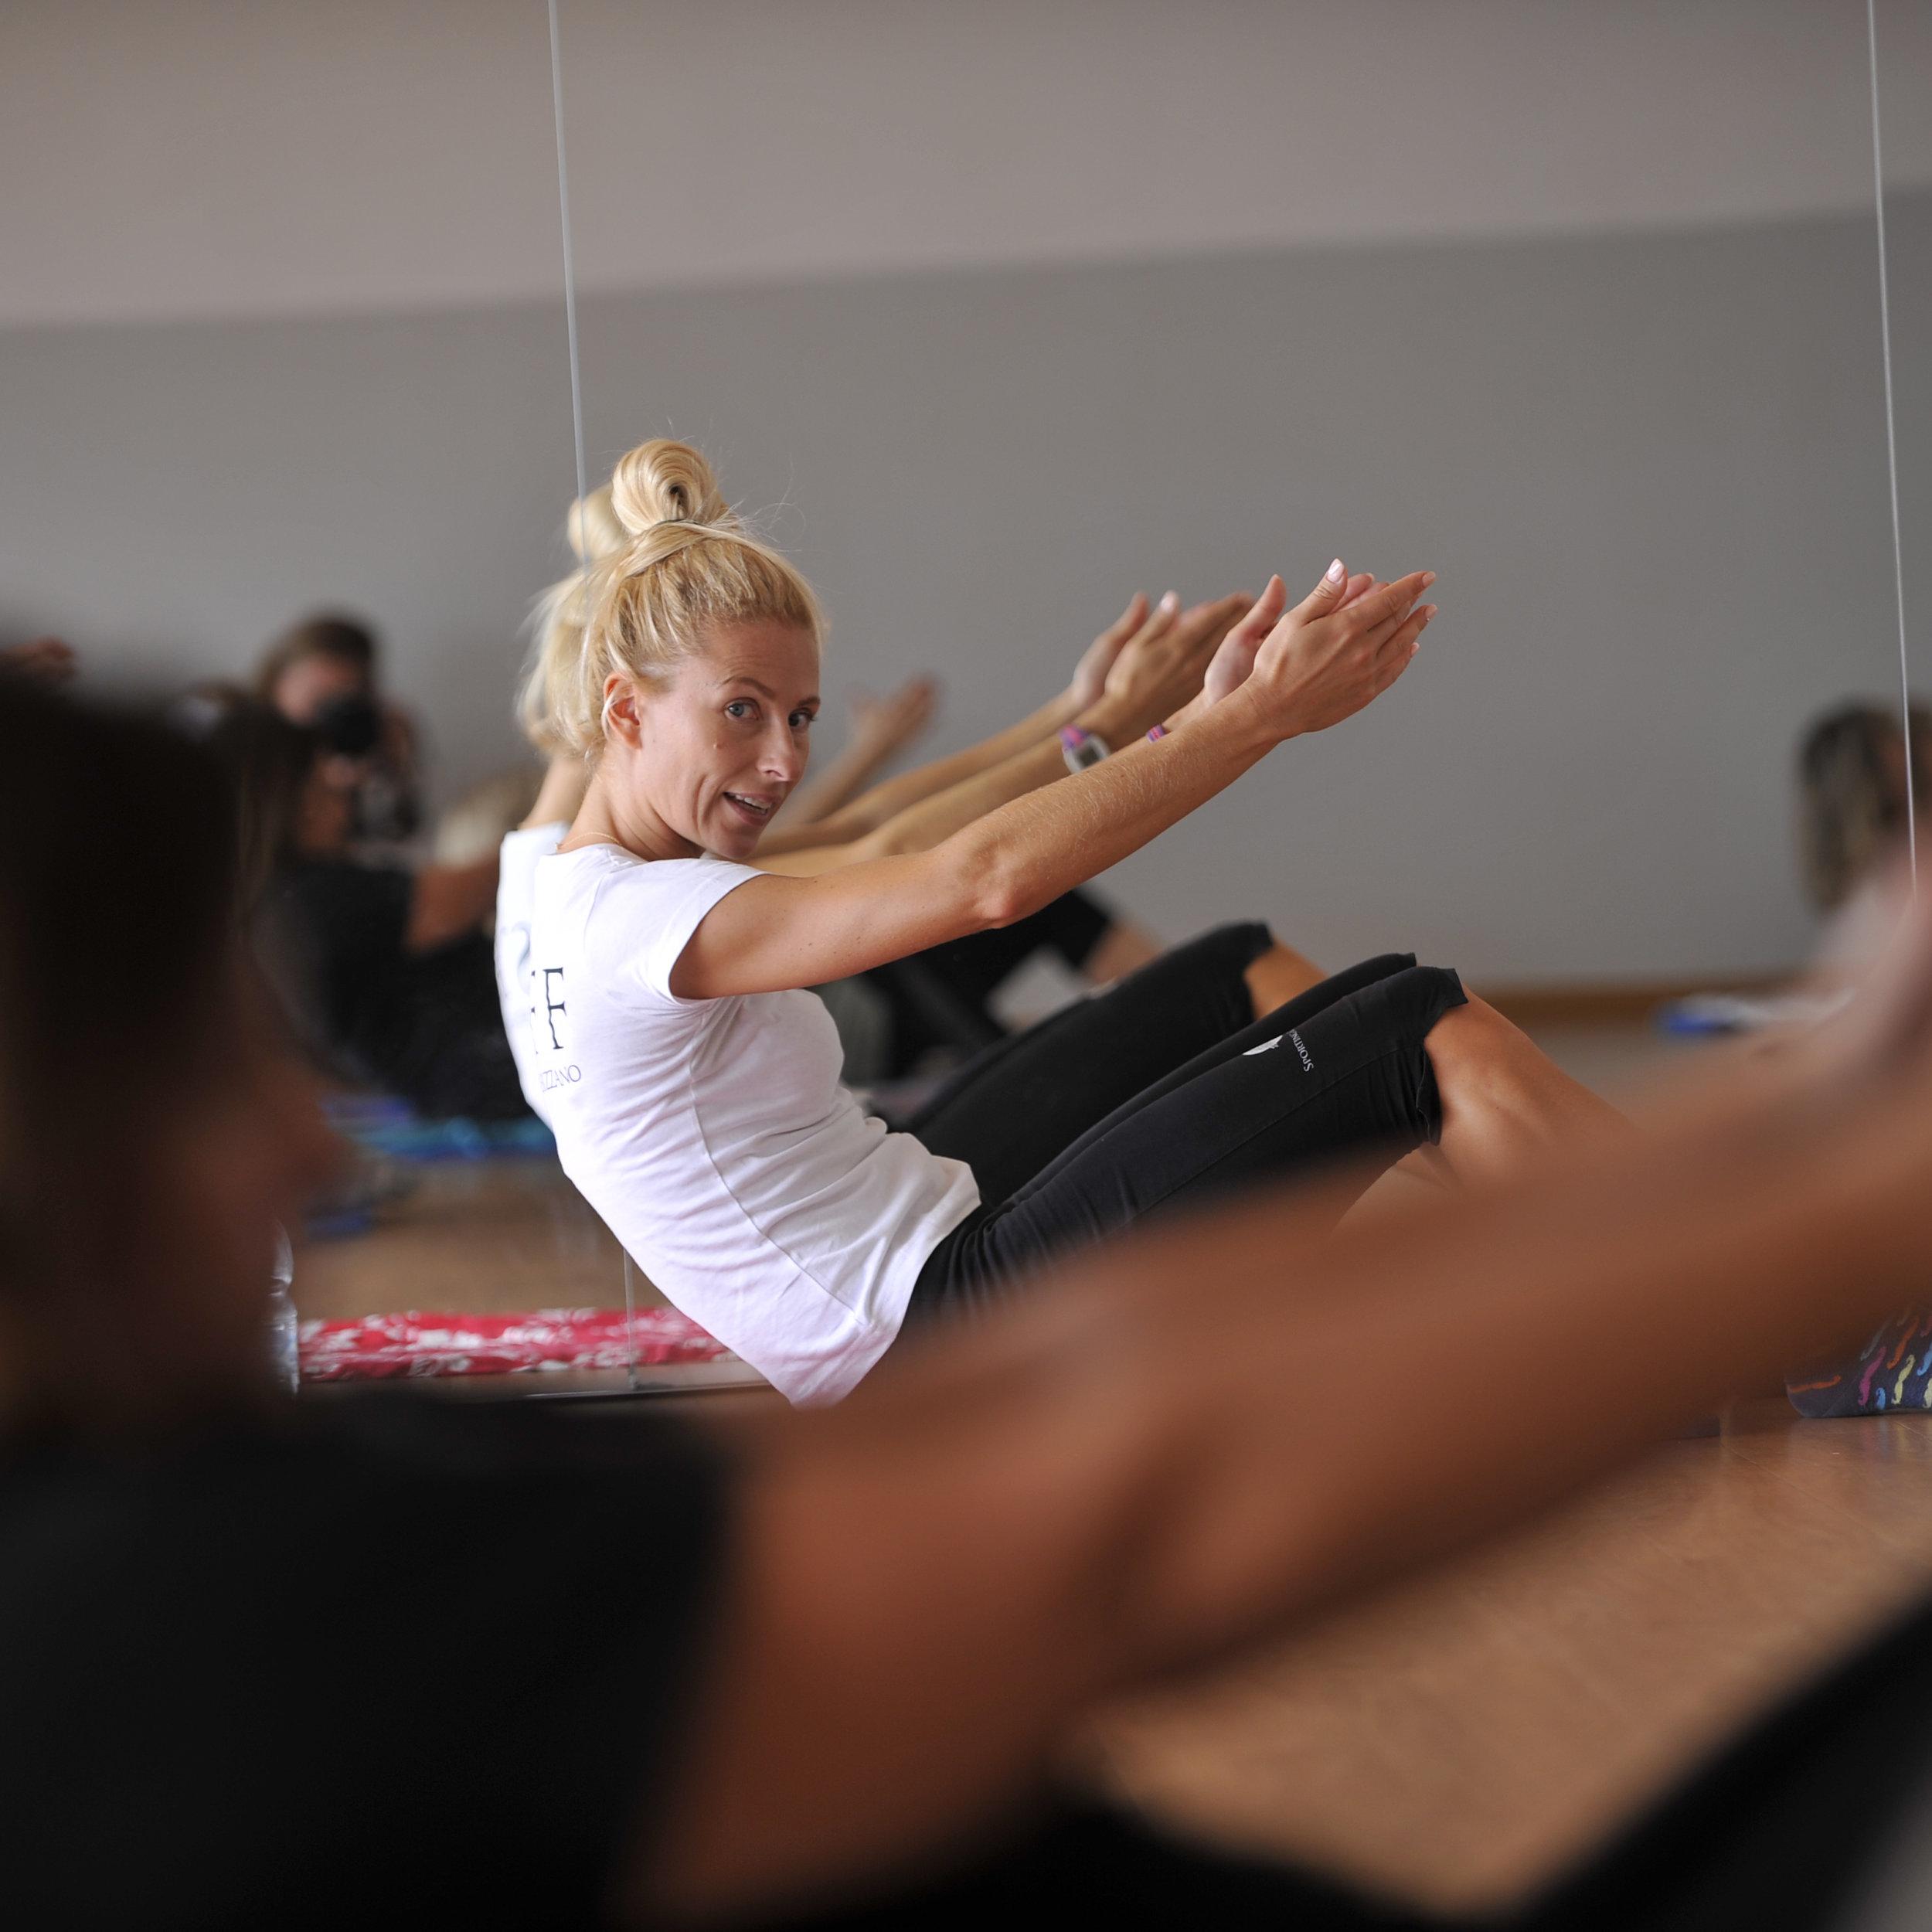 Pilates - Allenamento posturale che migliora l'equilibrio dinamico tonificando i muscoli, sviluppando elasticità muscolare e facendo acquisire consapevolezza del respiro e dell'allineamento della colonna vertebrale rinforzando i muscoli del piano profondo del tronco, importanti per alleviare e prevenire mal di schiena.